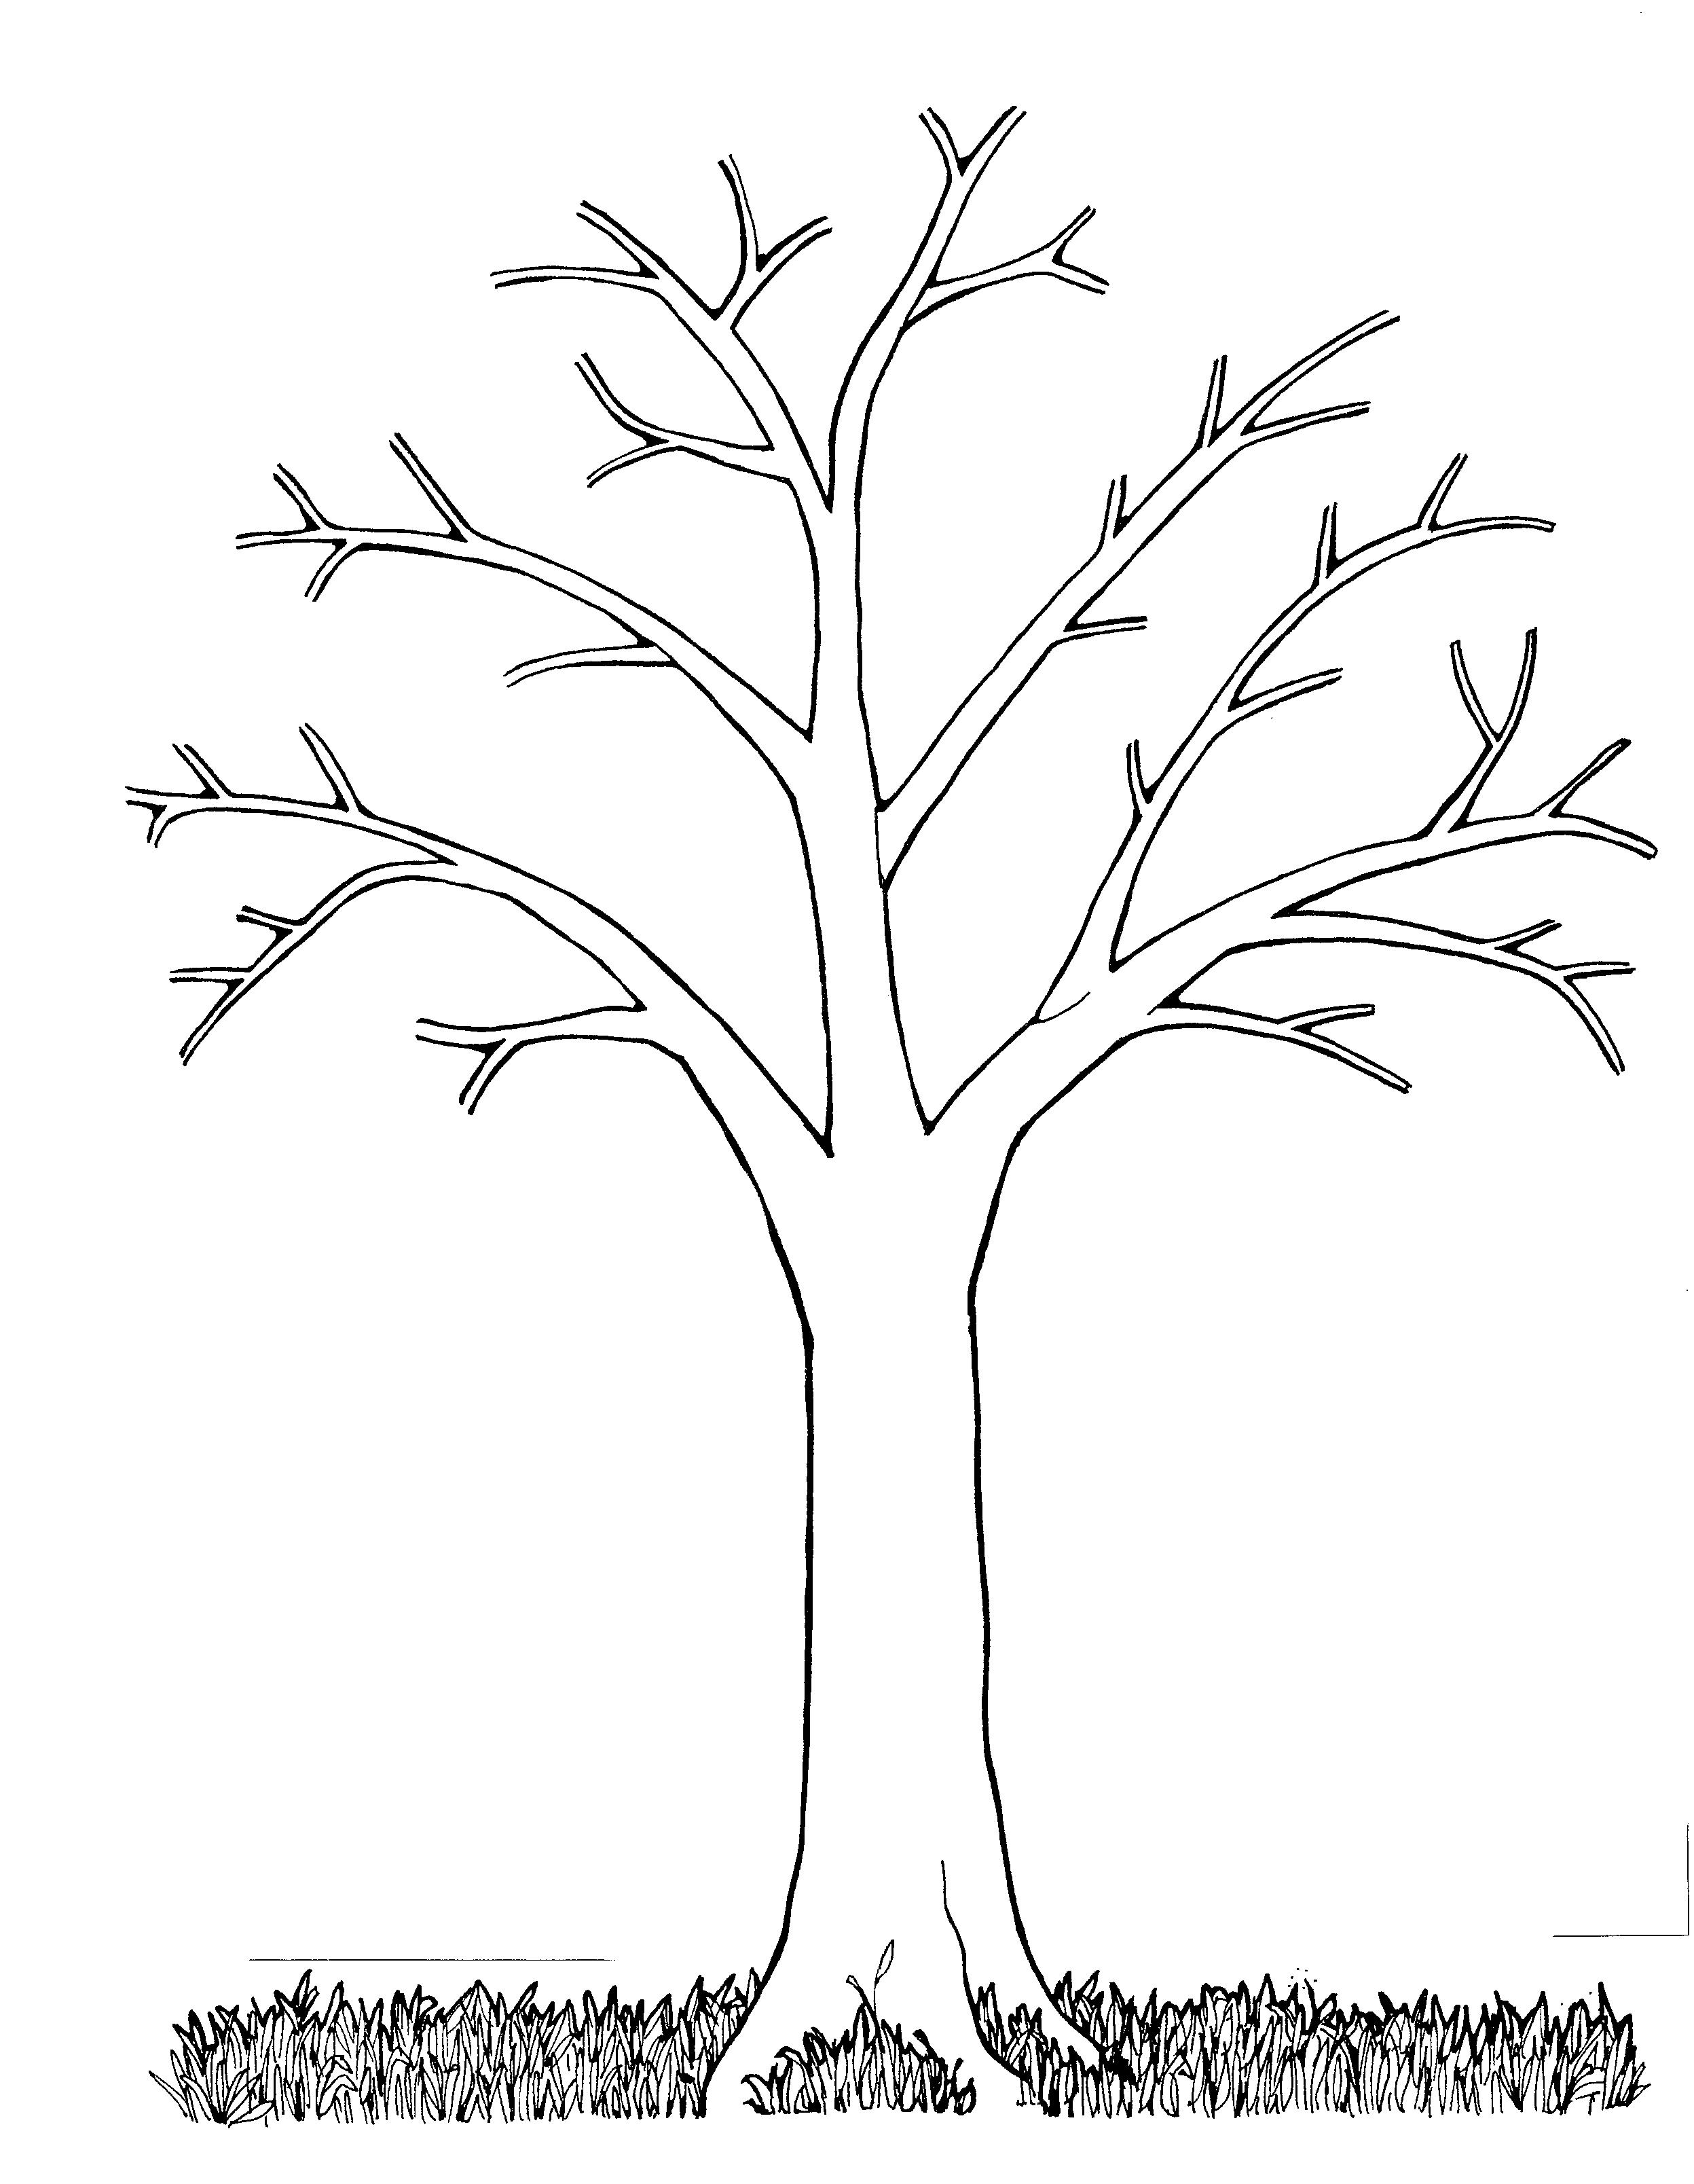 Раскраски деревьев распечатать бесплатно